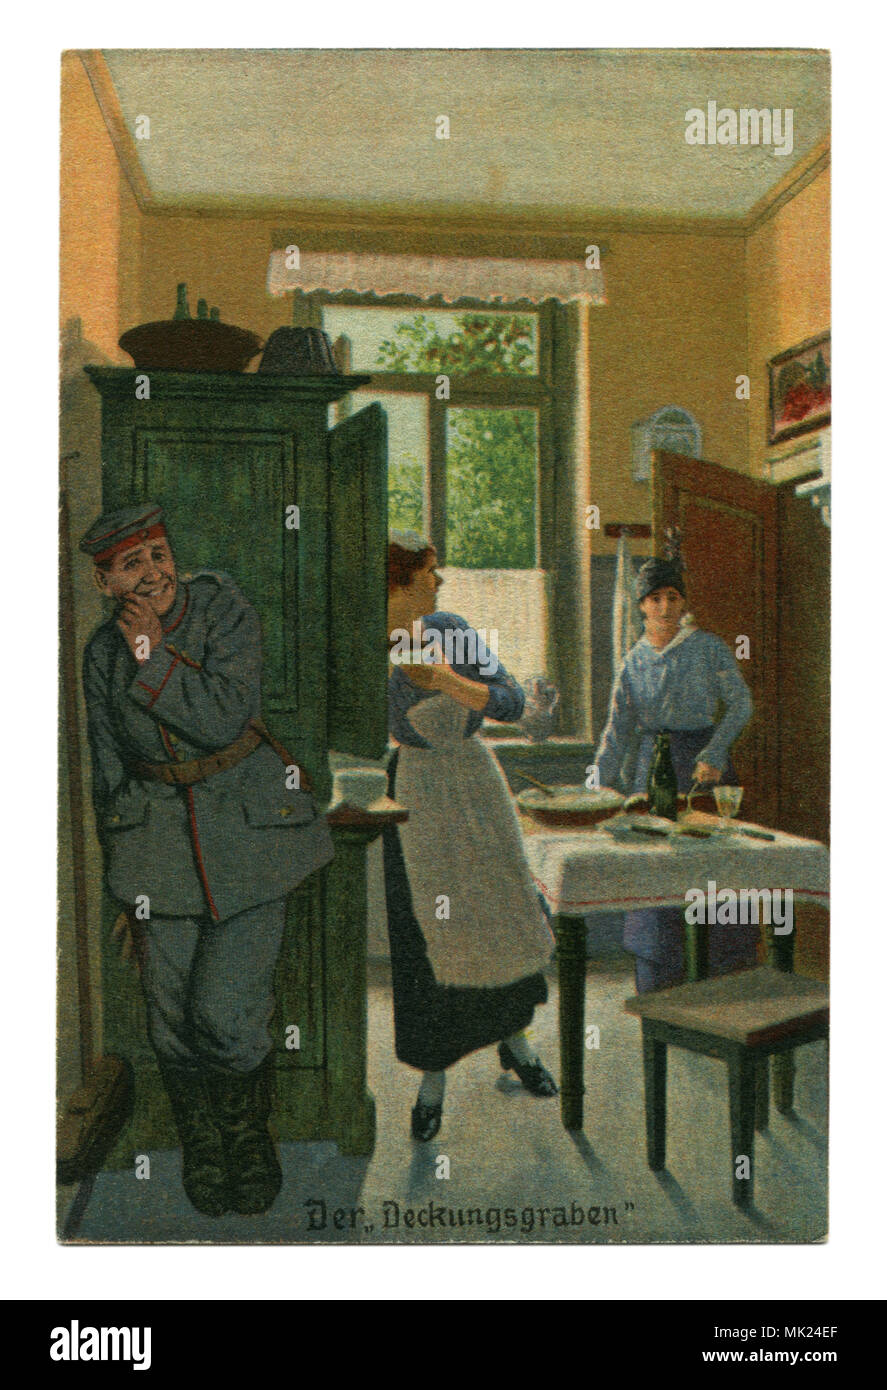 Ancienne carte postale militaire allemand:-série humoristique 'Toujours' professionnel, № 6 'tranchée'. La première guerre mondiale 1914-1918, Allemagne Banque D'Images